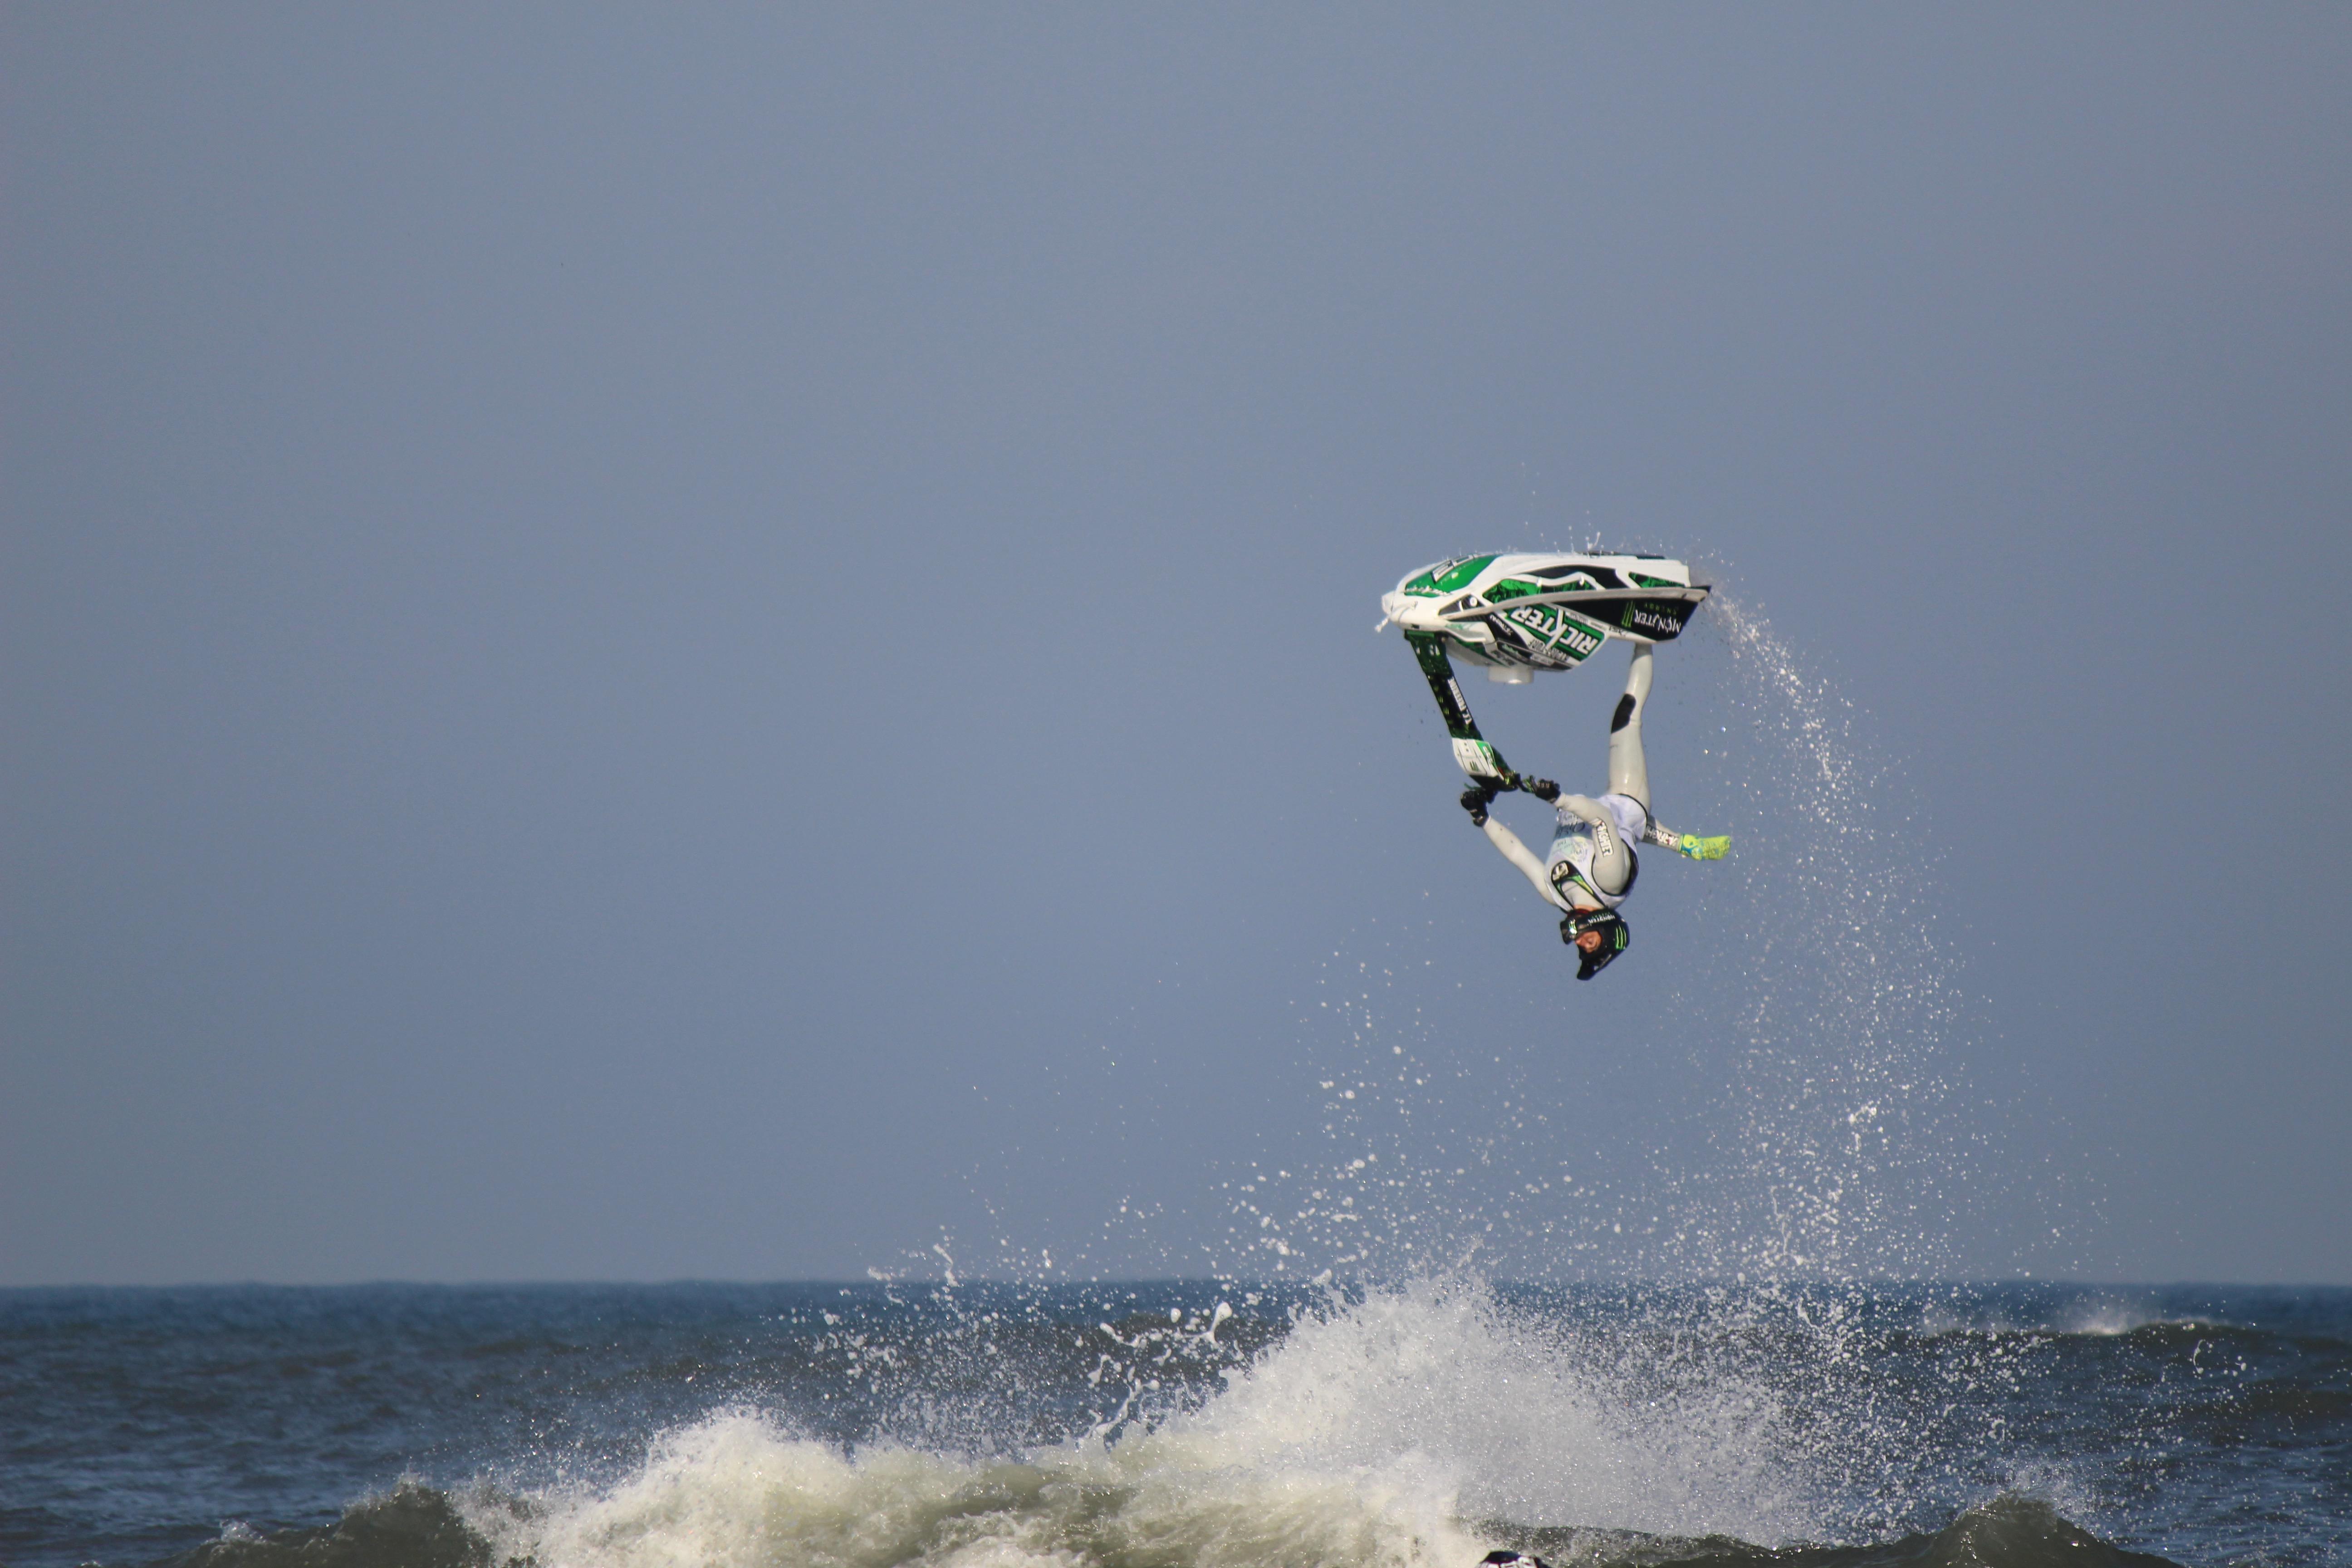 『MOTOR and SURF SCRAMBLE』